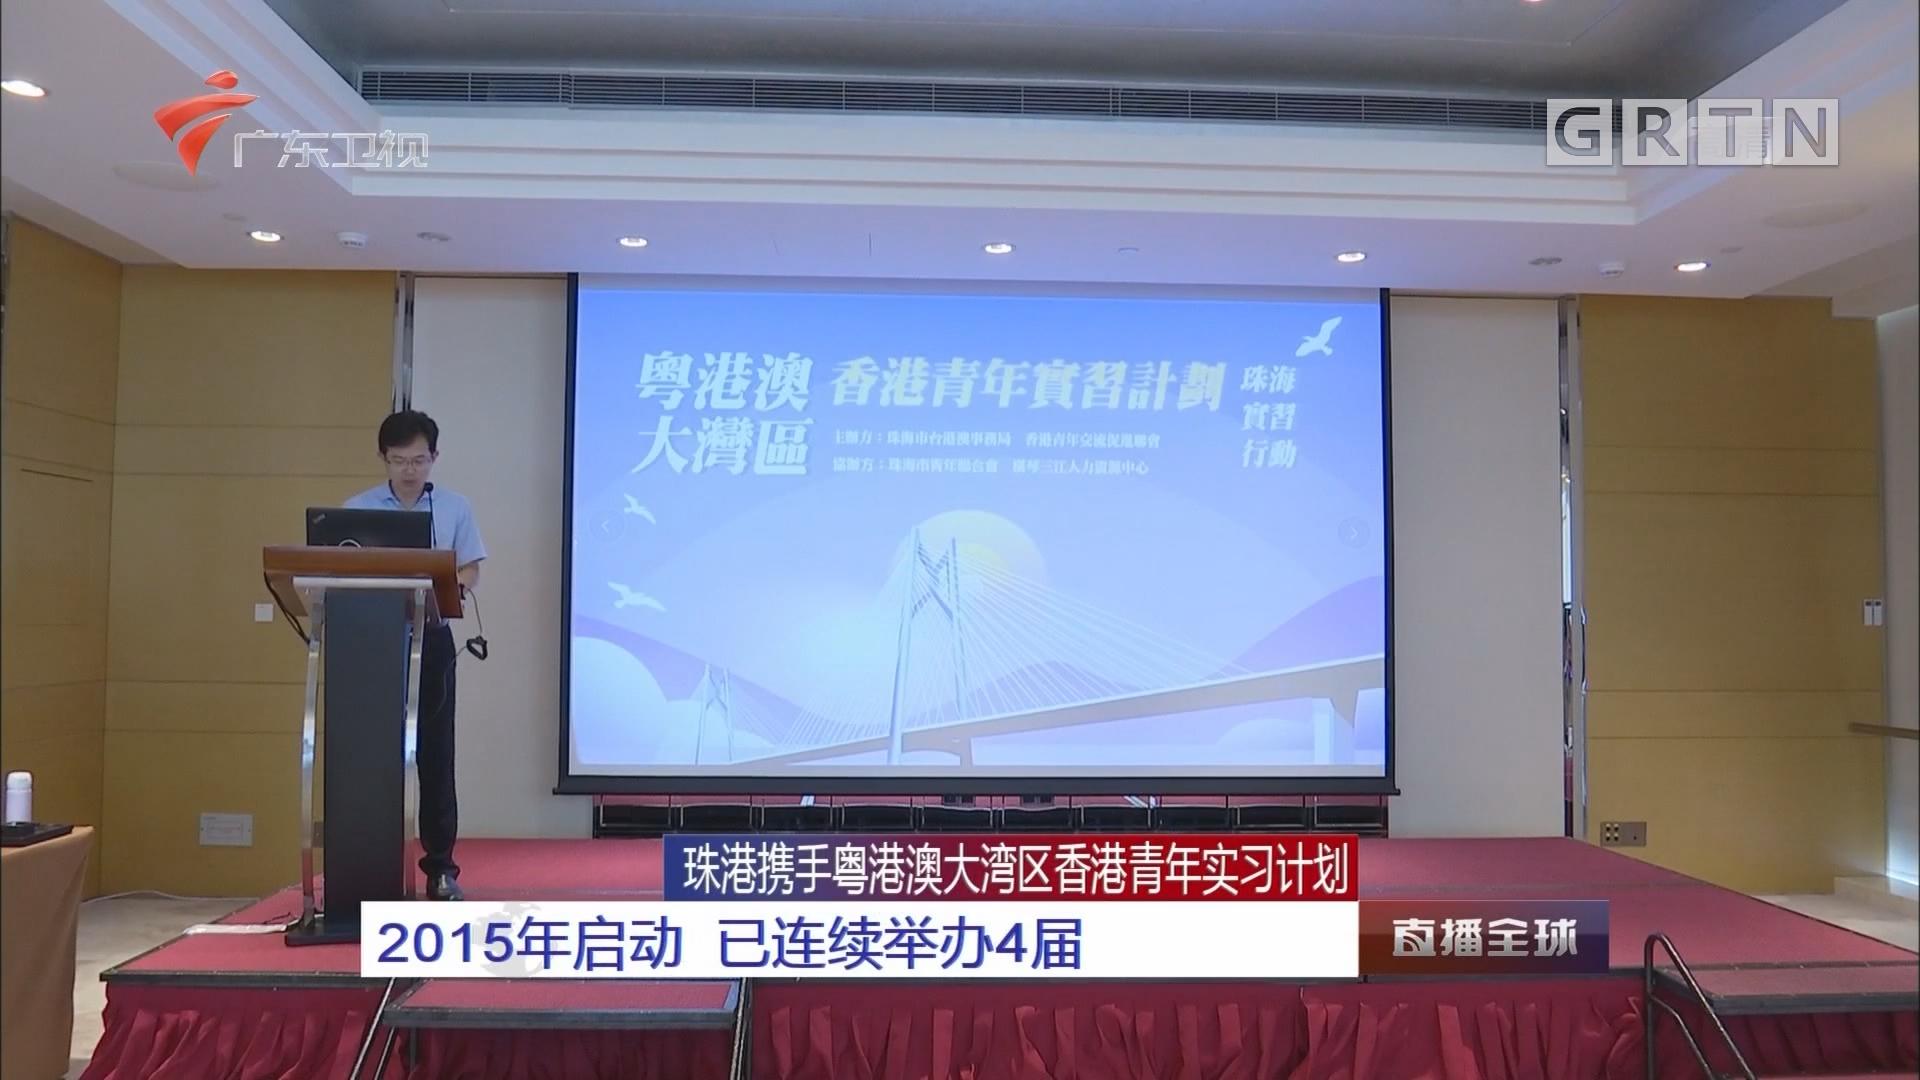 珠港携手粤港澳大湾区香港青年实习计划:2015年启动 已连续举办4届